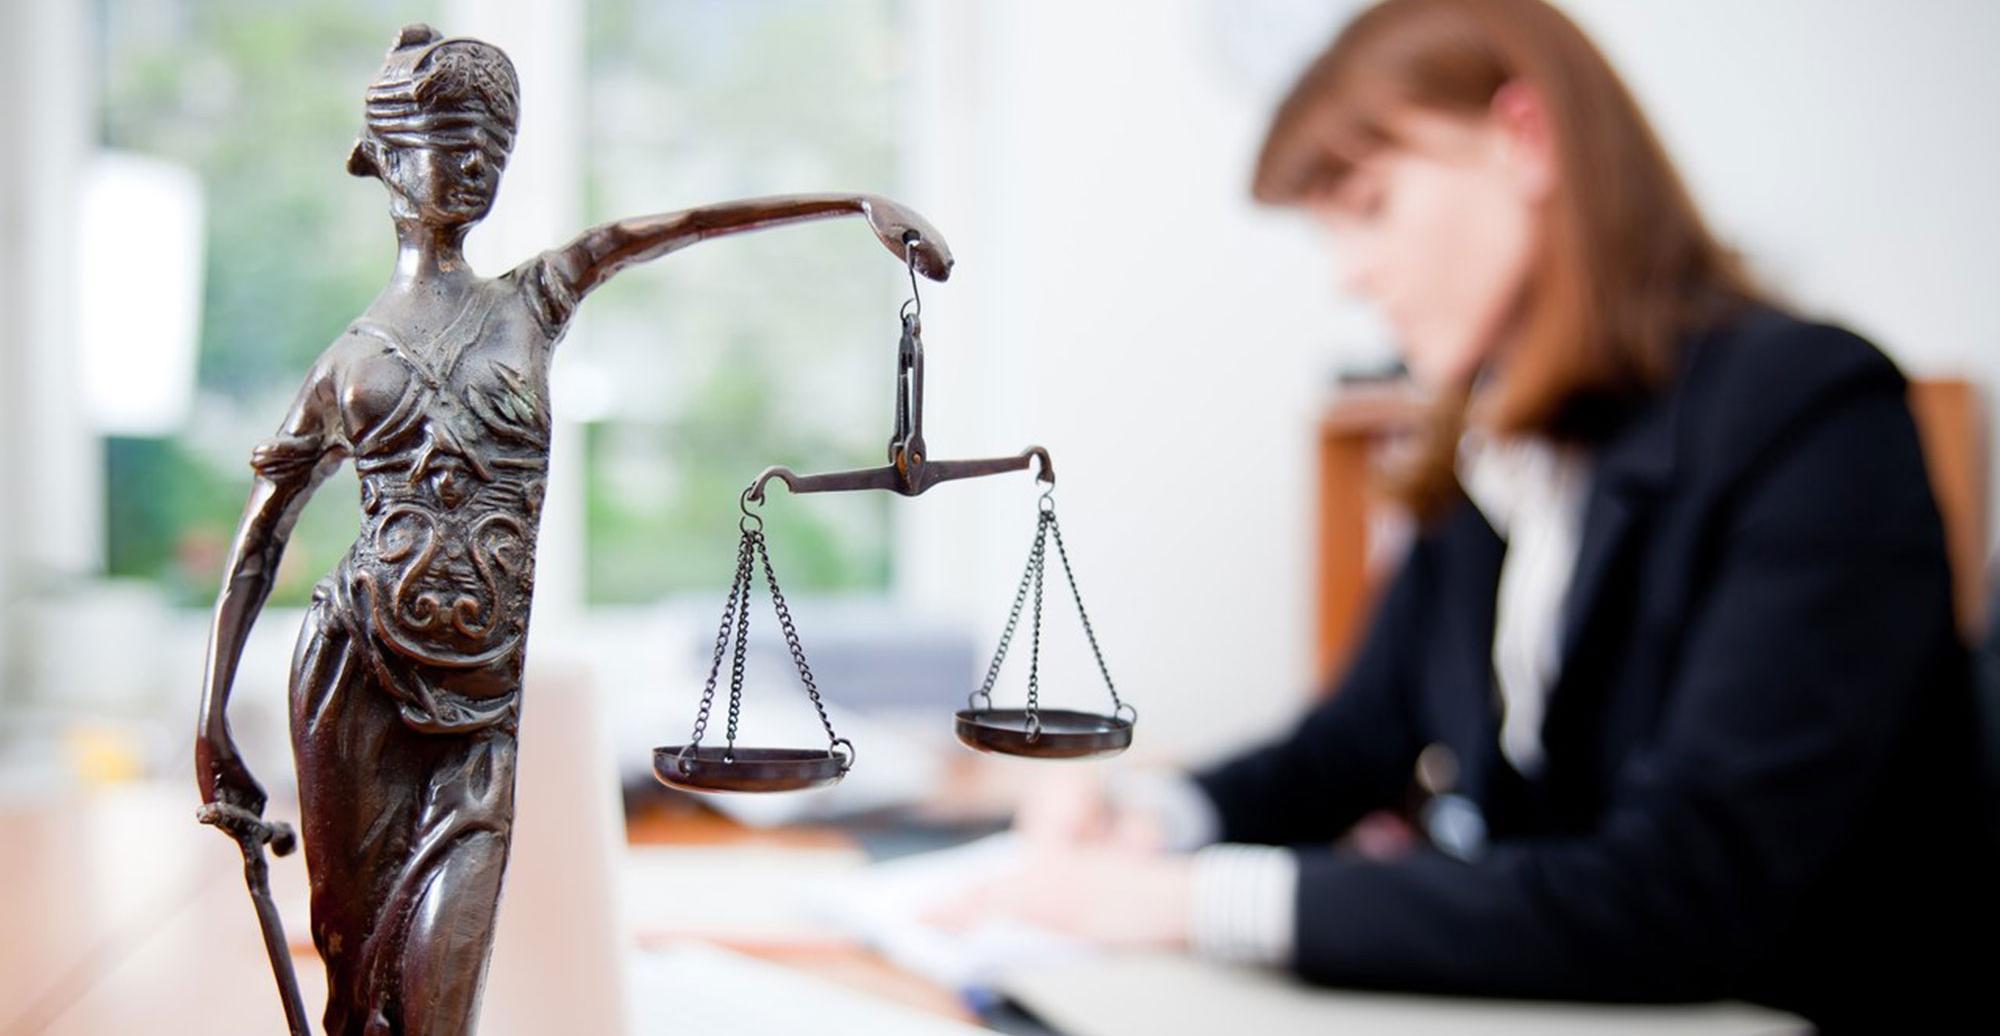 Индивидуальный предприниматель юрист